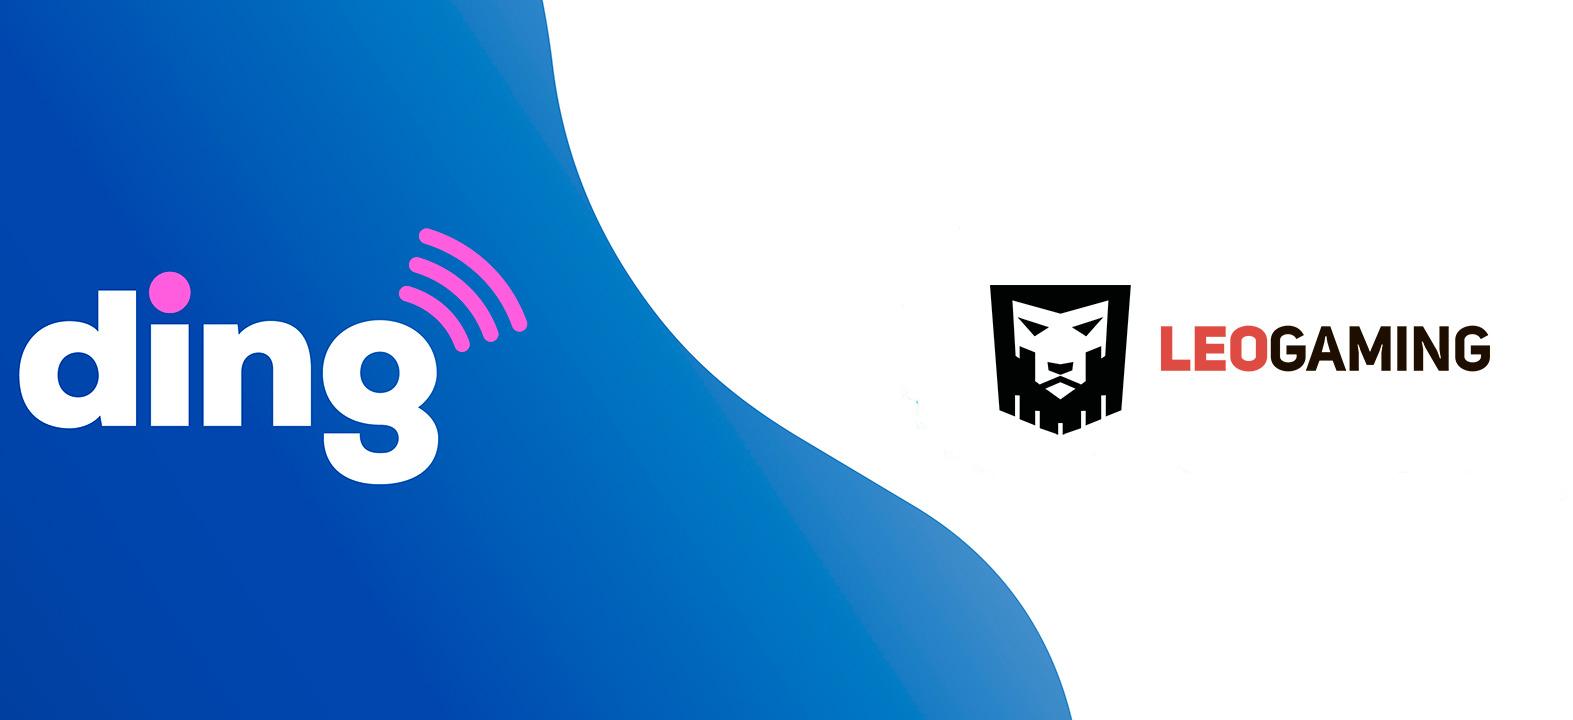 Ding співпрацює з LeoGaming, щоб допомогти онлайн гравцям залишатися на зв'язку